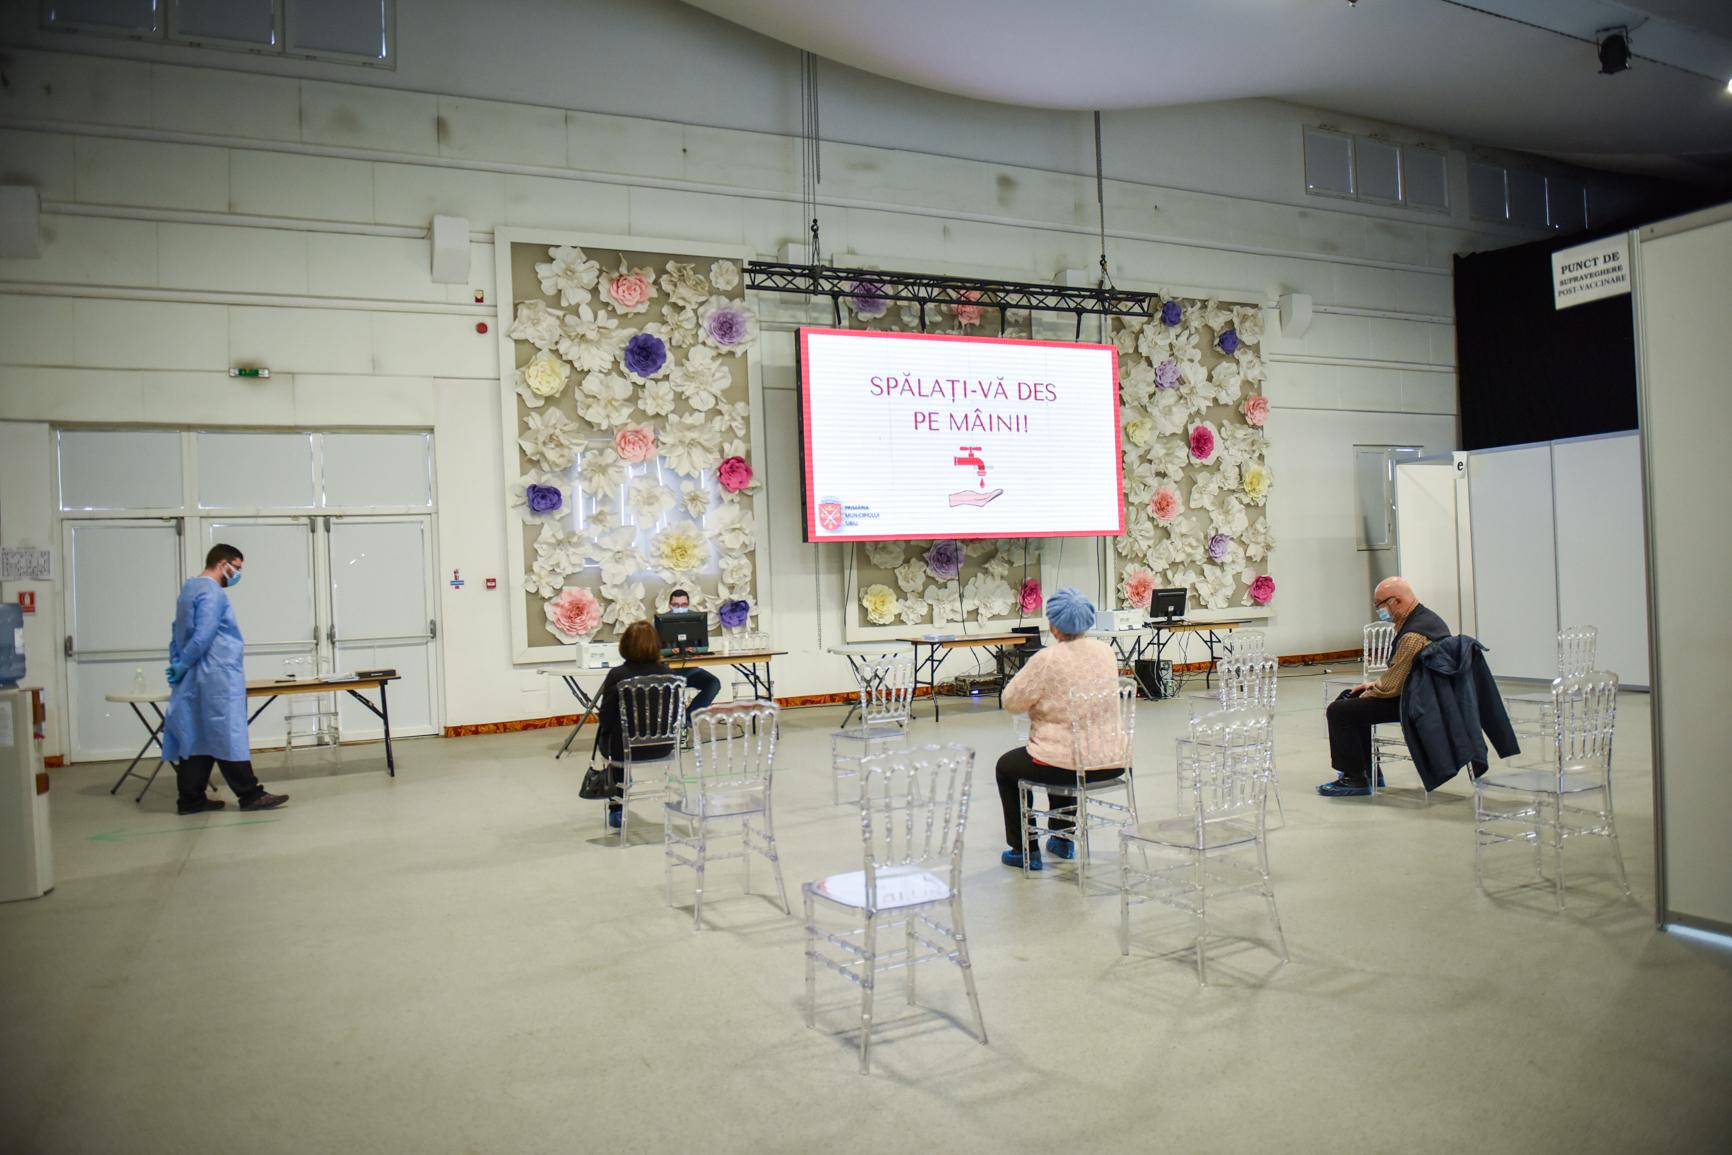 Cine sunt cei care s-au vaccinat în Sibiu, în etapa a doua: 59,04% - persoane vârstnice